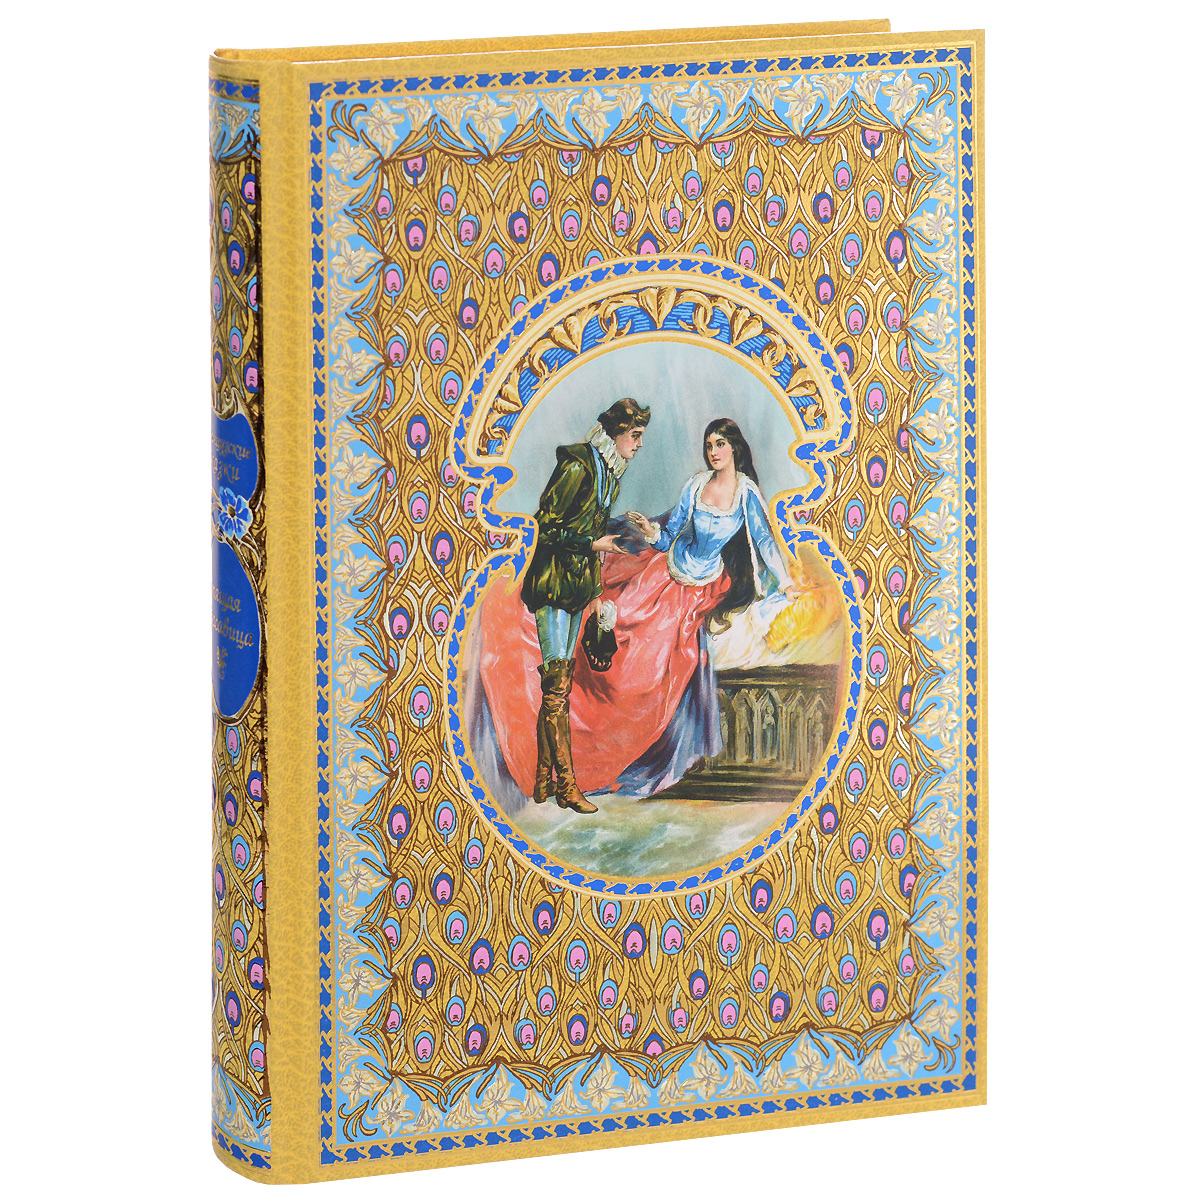 Спящая красавица (подарочное издание) лесные сказки подарочное издание 3 dvd